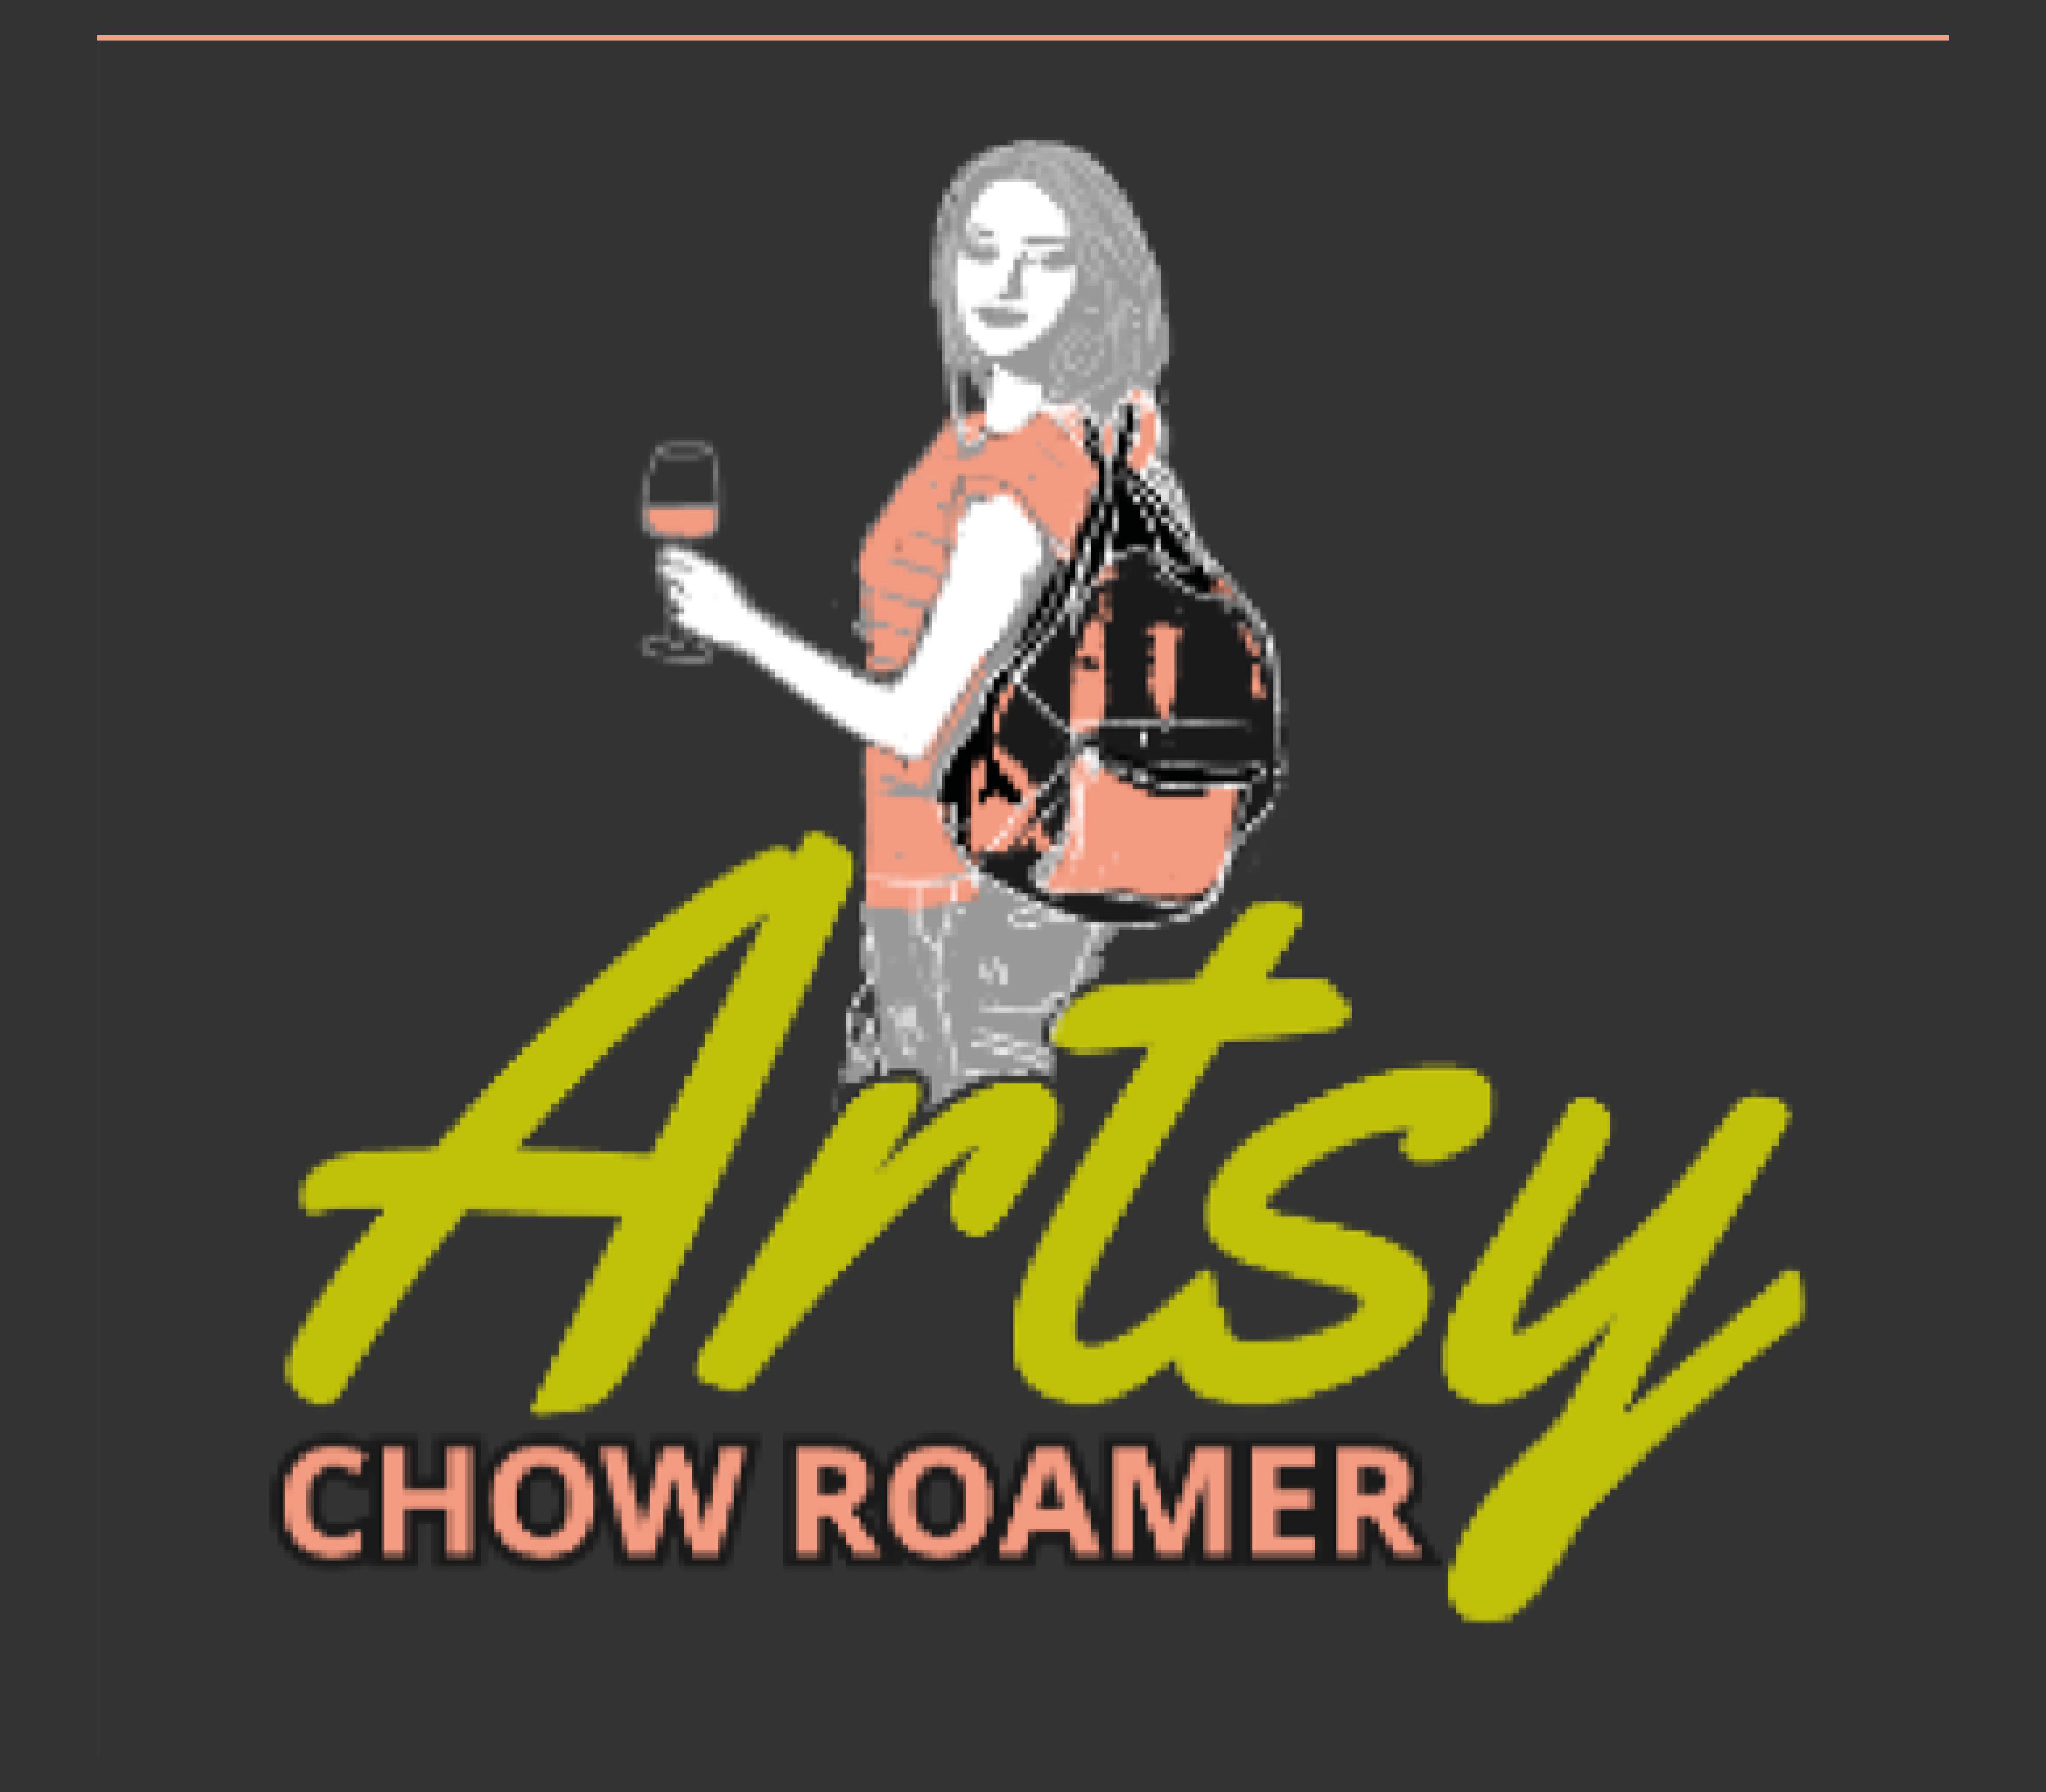 Artsy Chow Roamer's photo